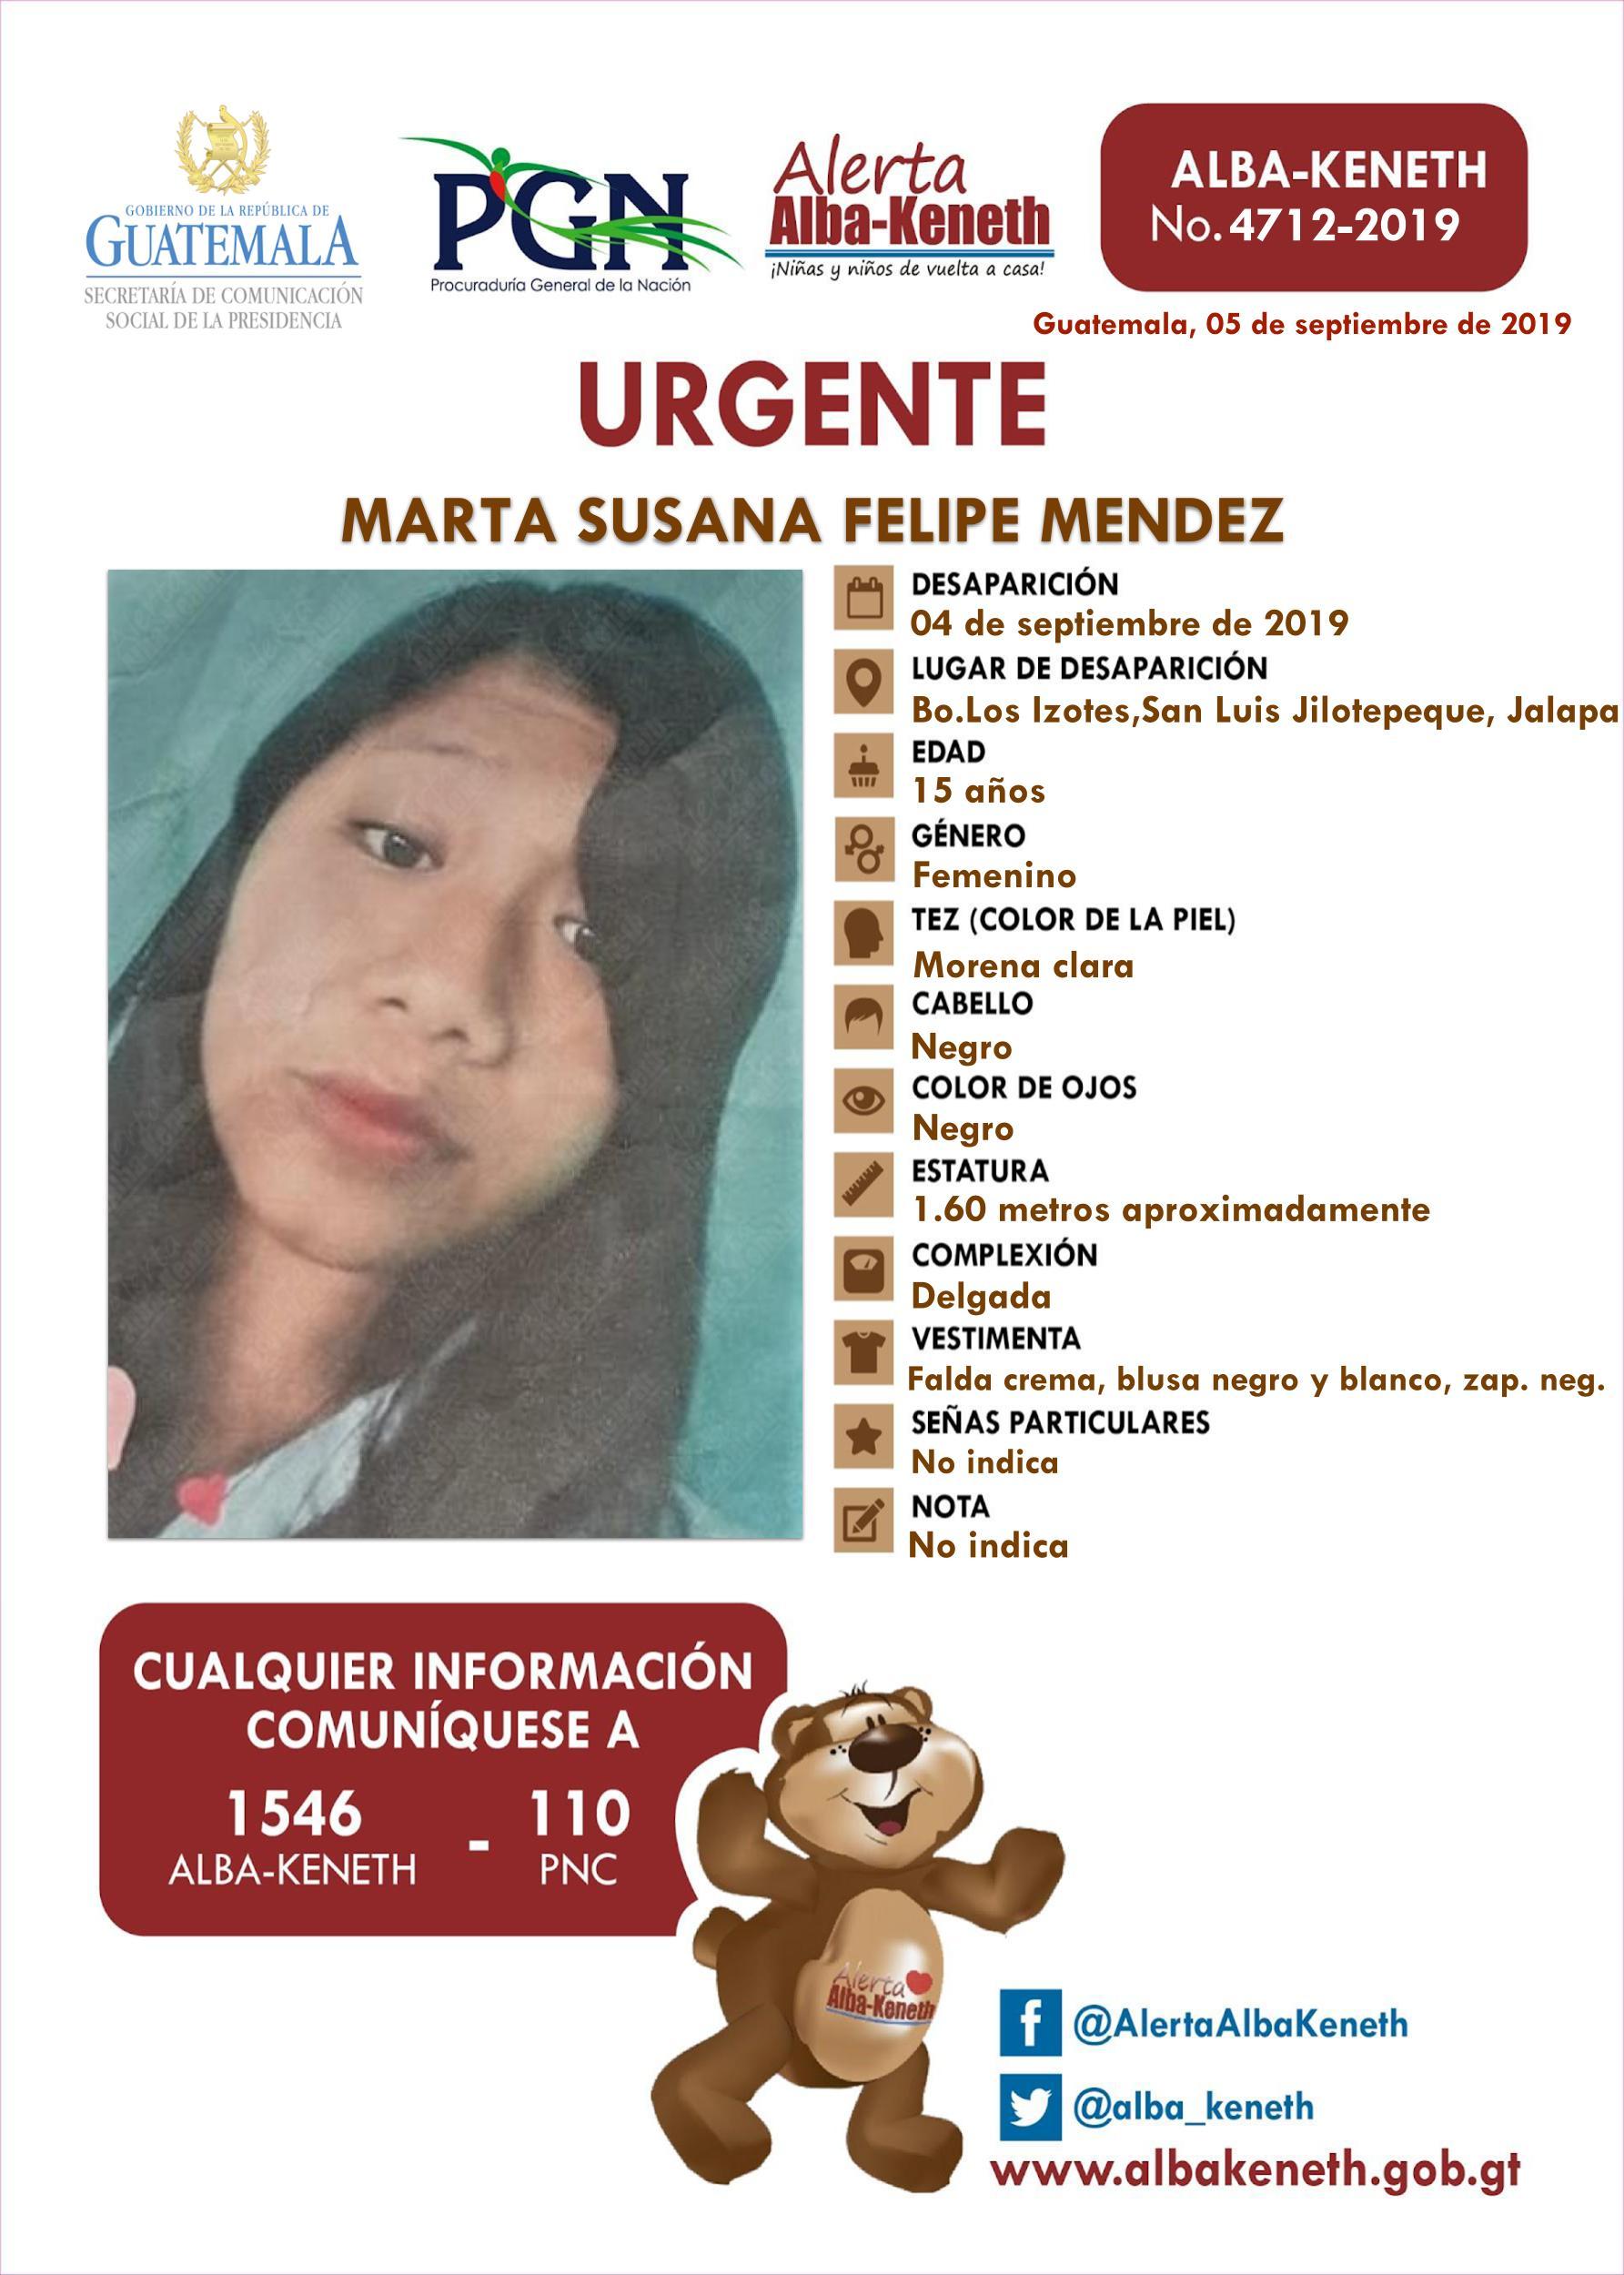 Marta Susana Felipe Mendez